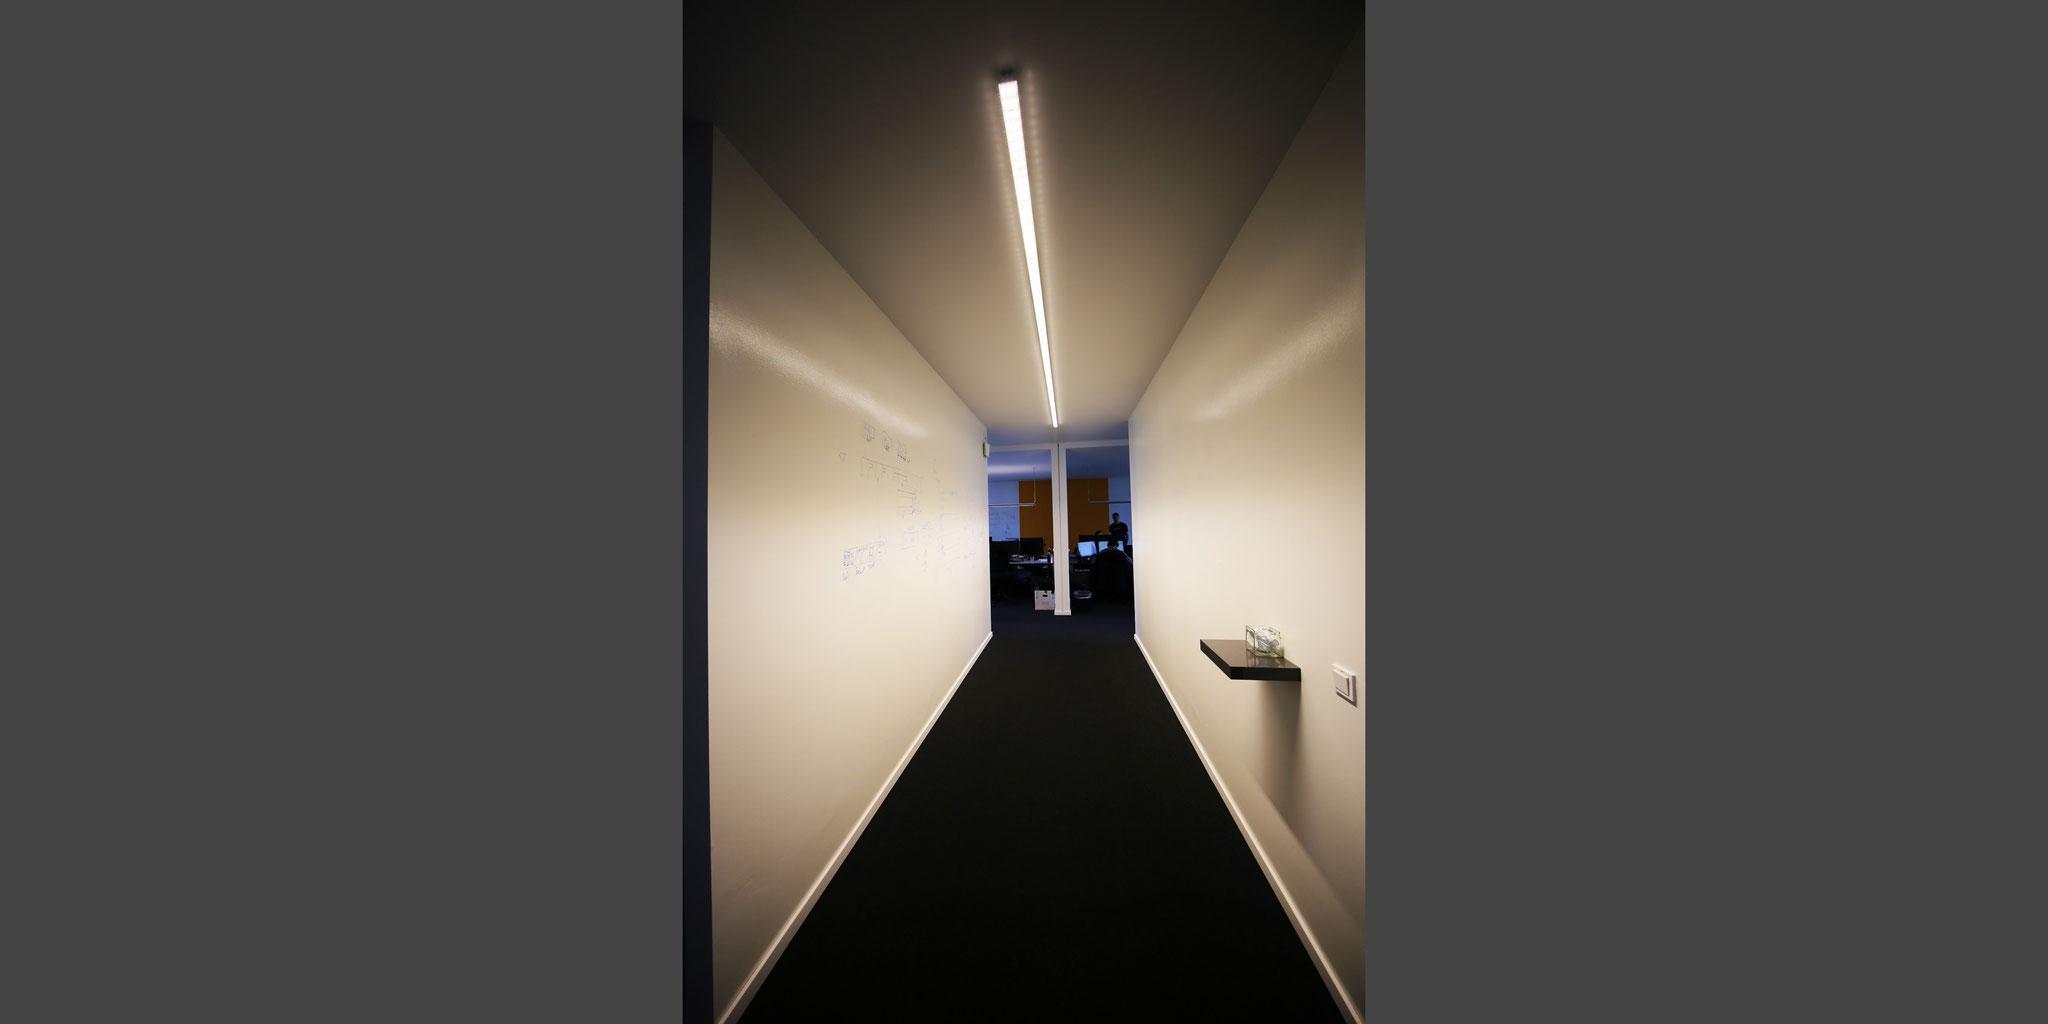 Architekten Frankfurt – Um- und Ausbau von Büroräumen für SALT Solutions in Würzburg, Architekturbüro Frick.Reichert Architekten